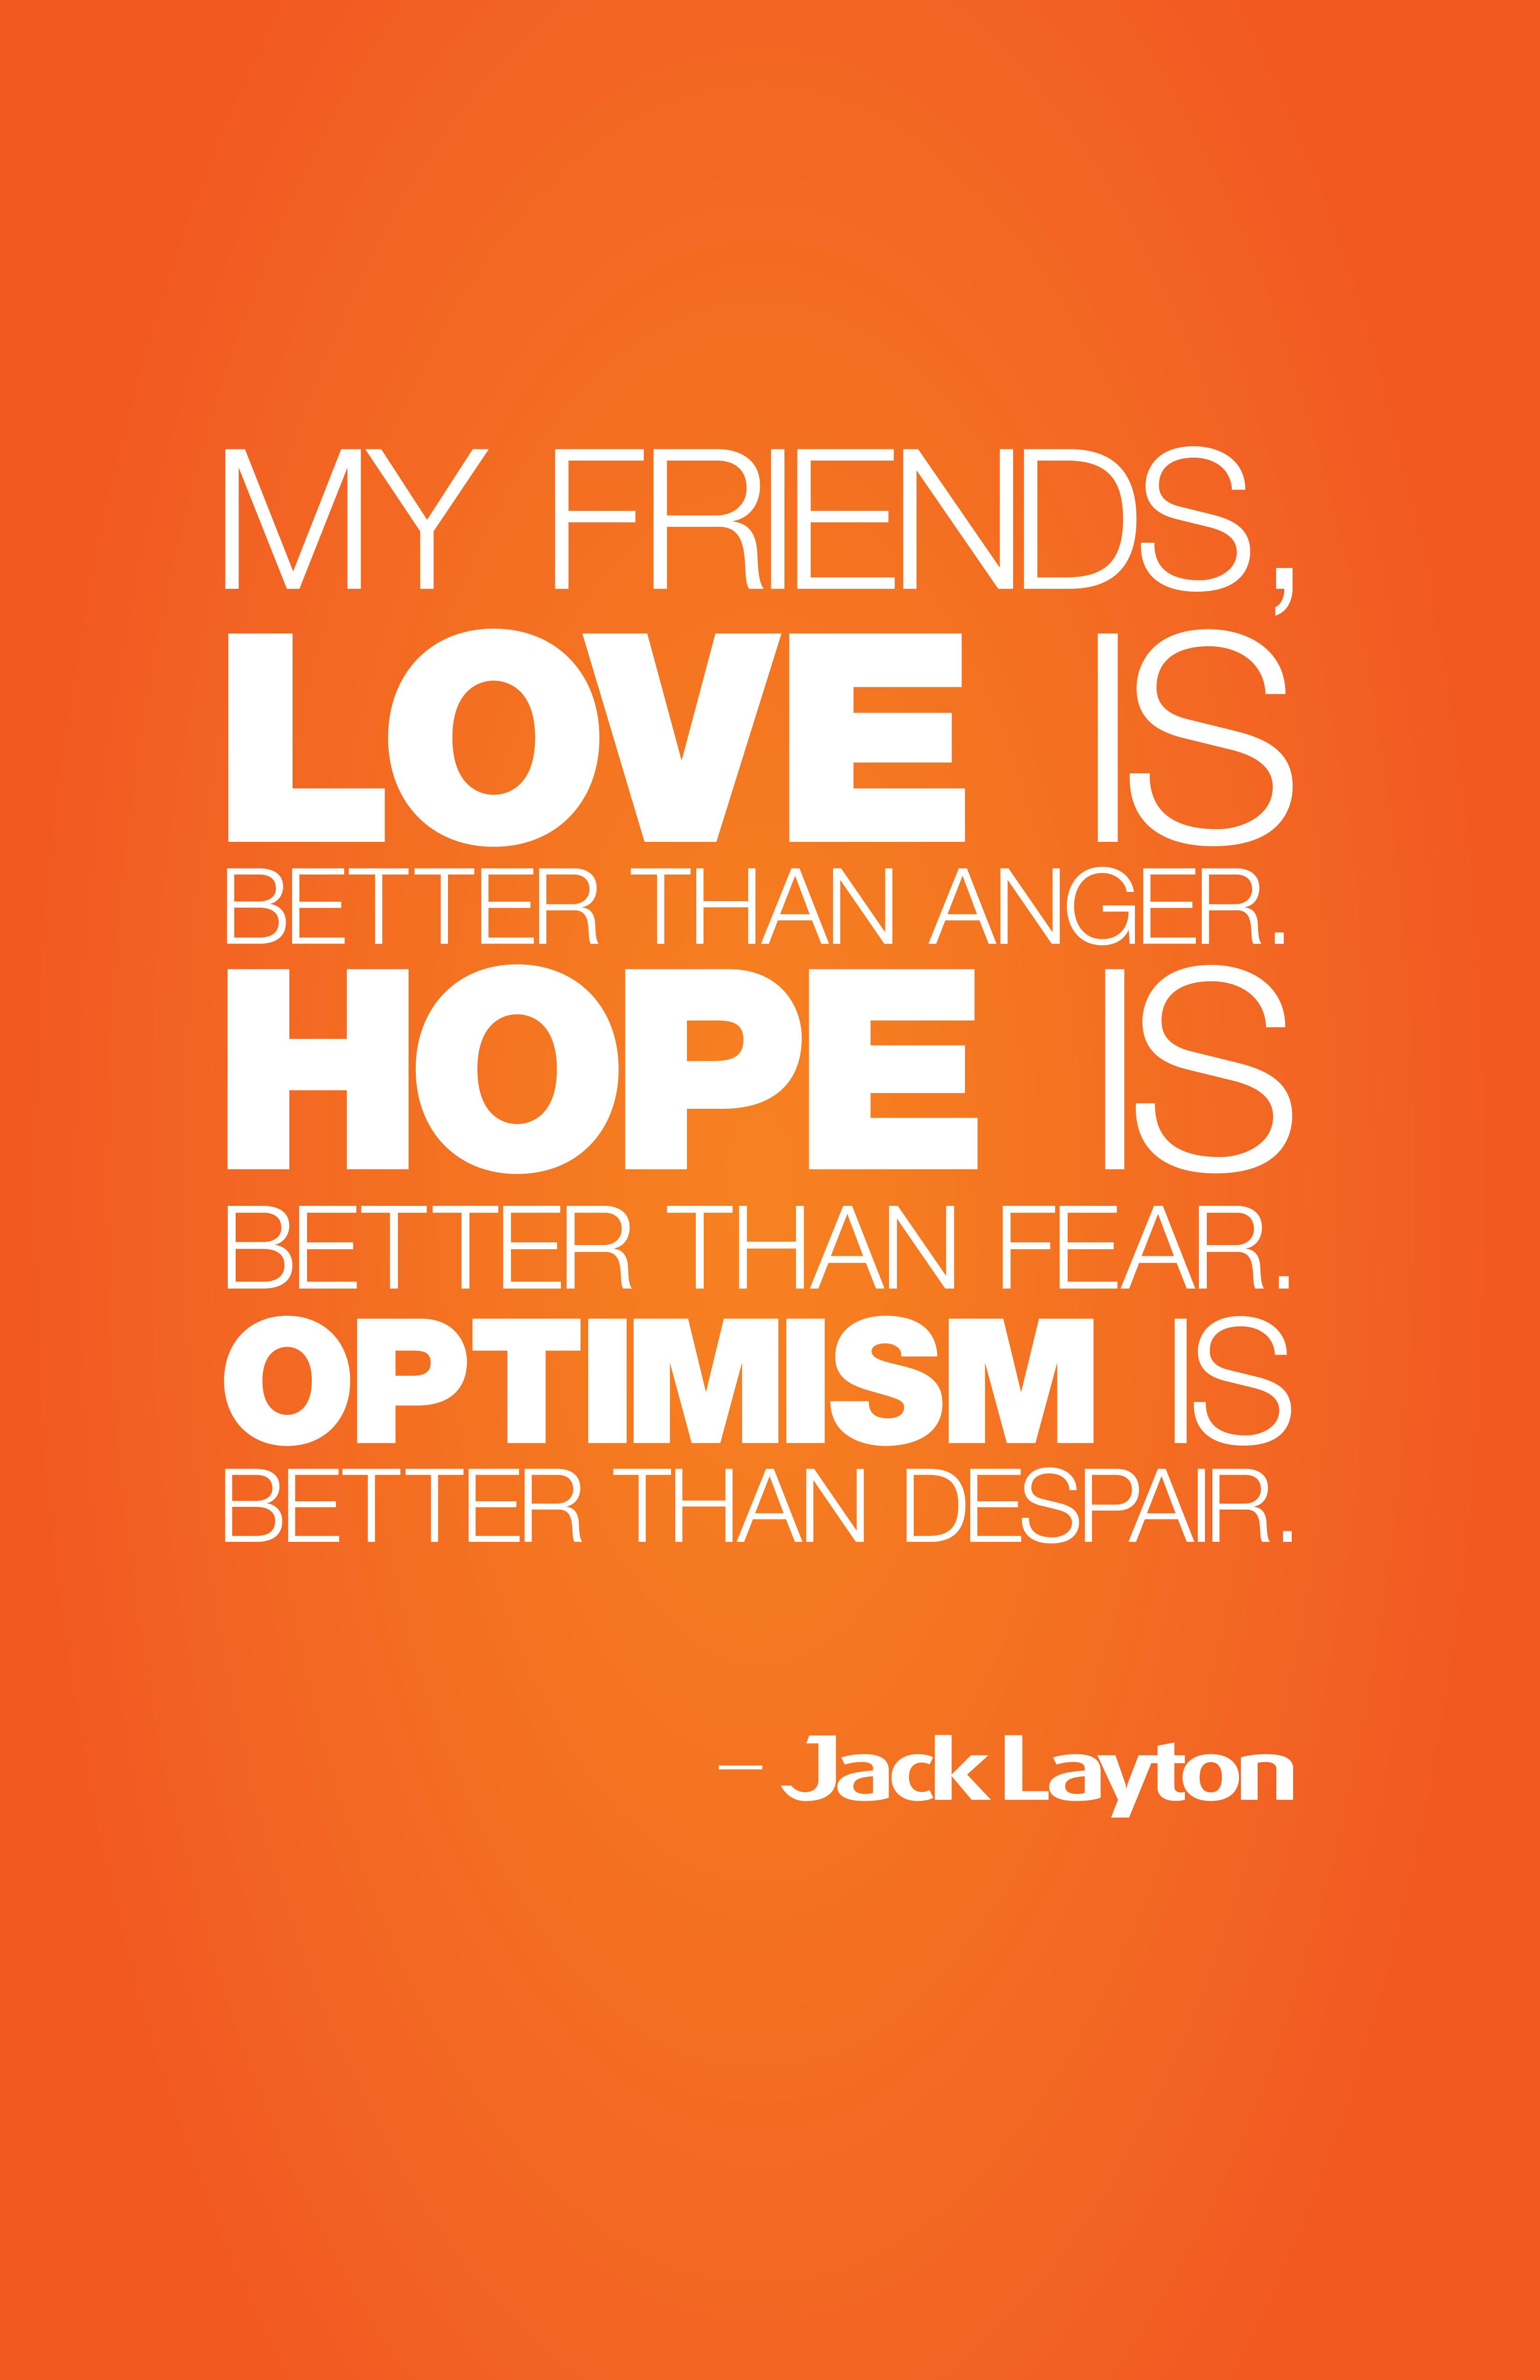 Jack Layton's quote #3